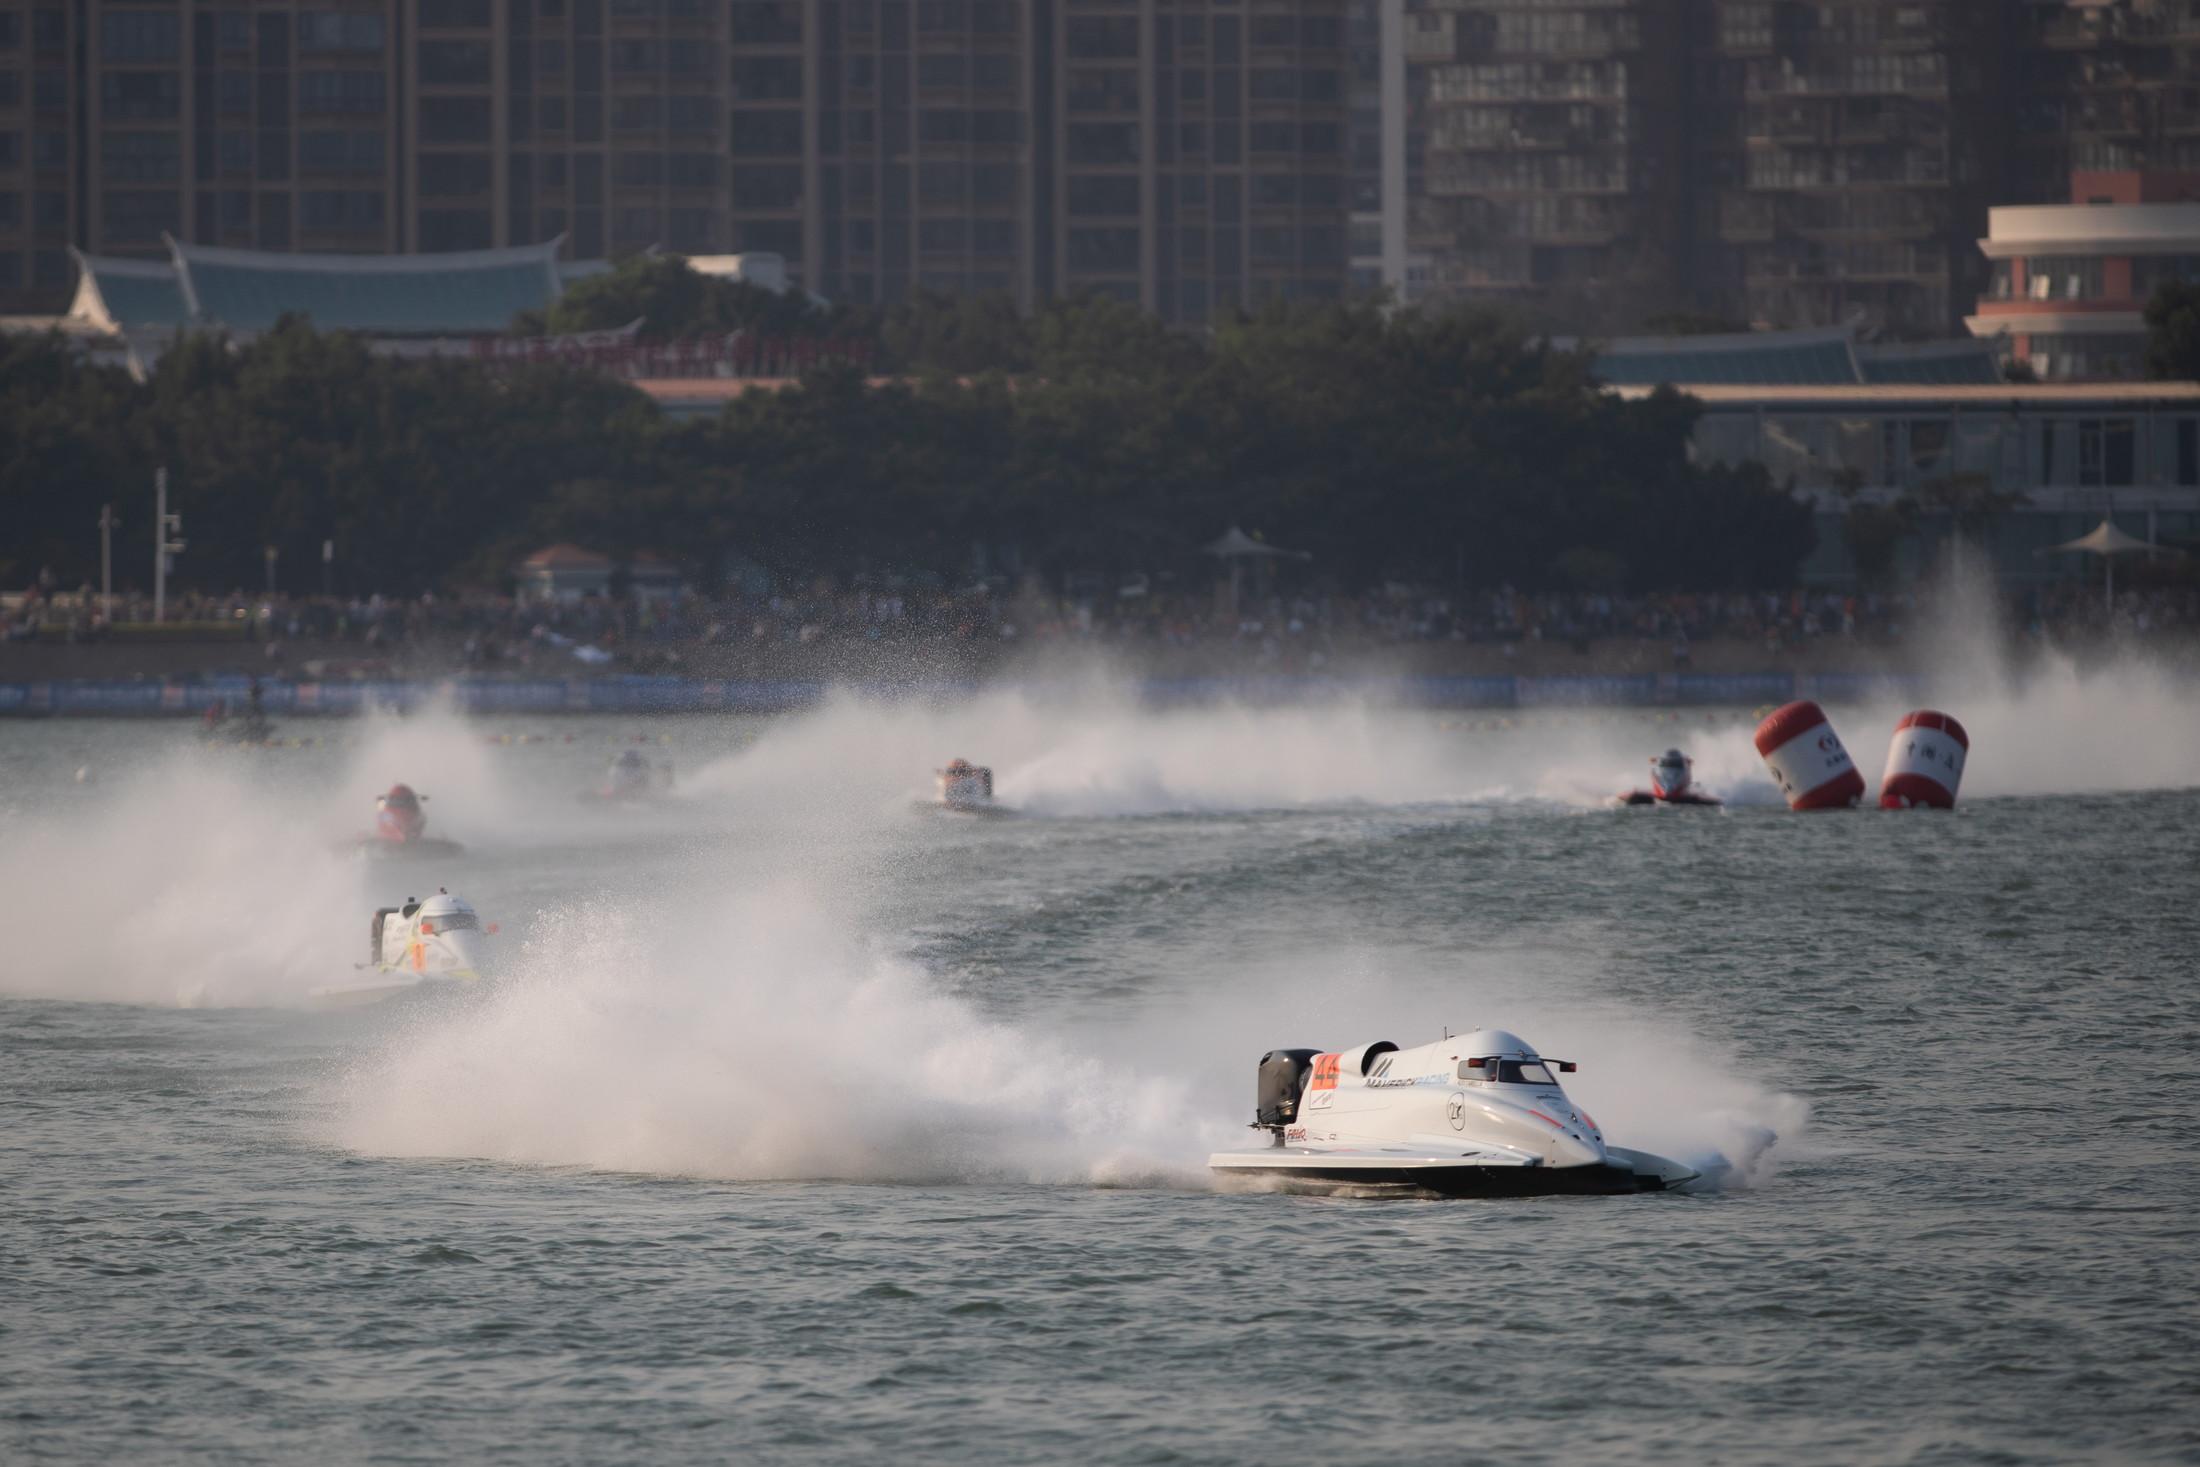 L'azzurro torna sul gradino del podio a Xiamen dopo un periodo difficile.